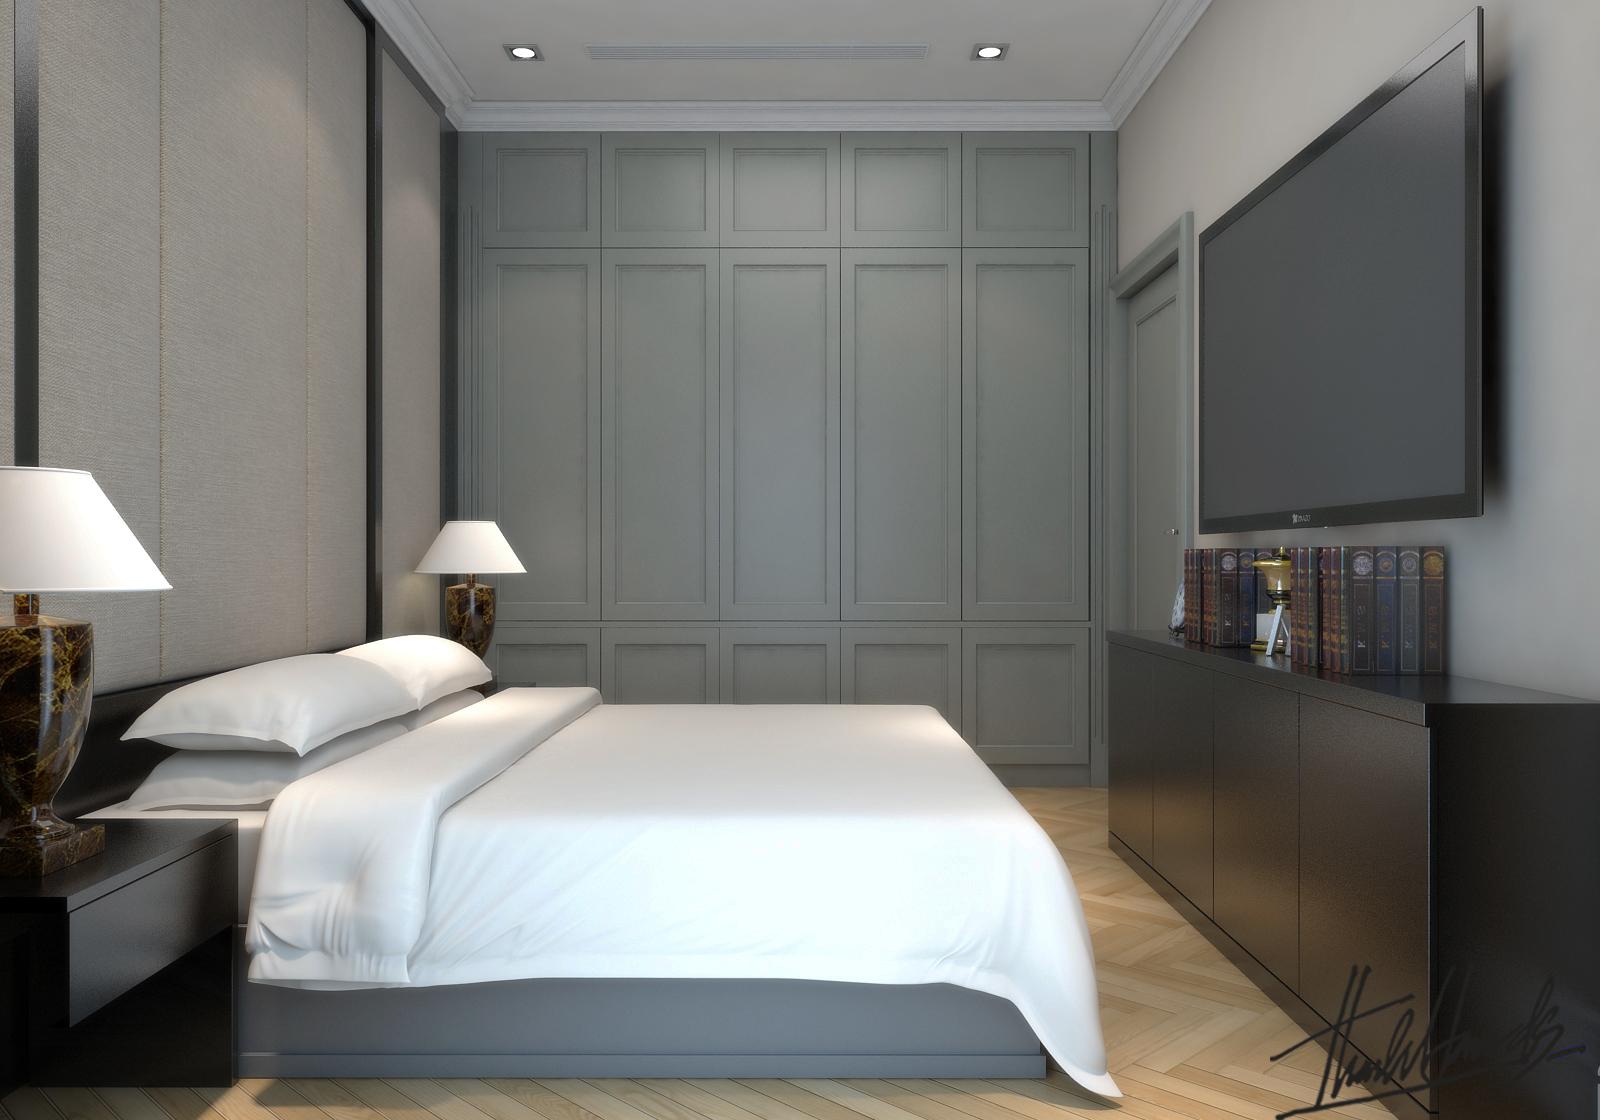 thiết kế nội thất Biệt Thự tại Hà Nội bt Vinhomes - riverside 23 1568274535